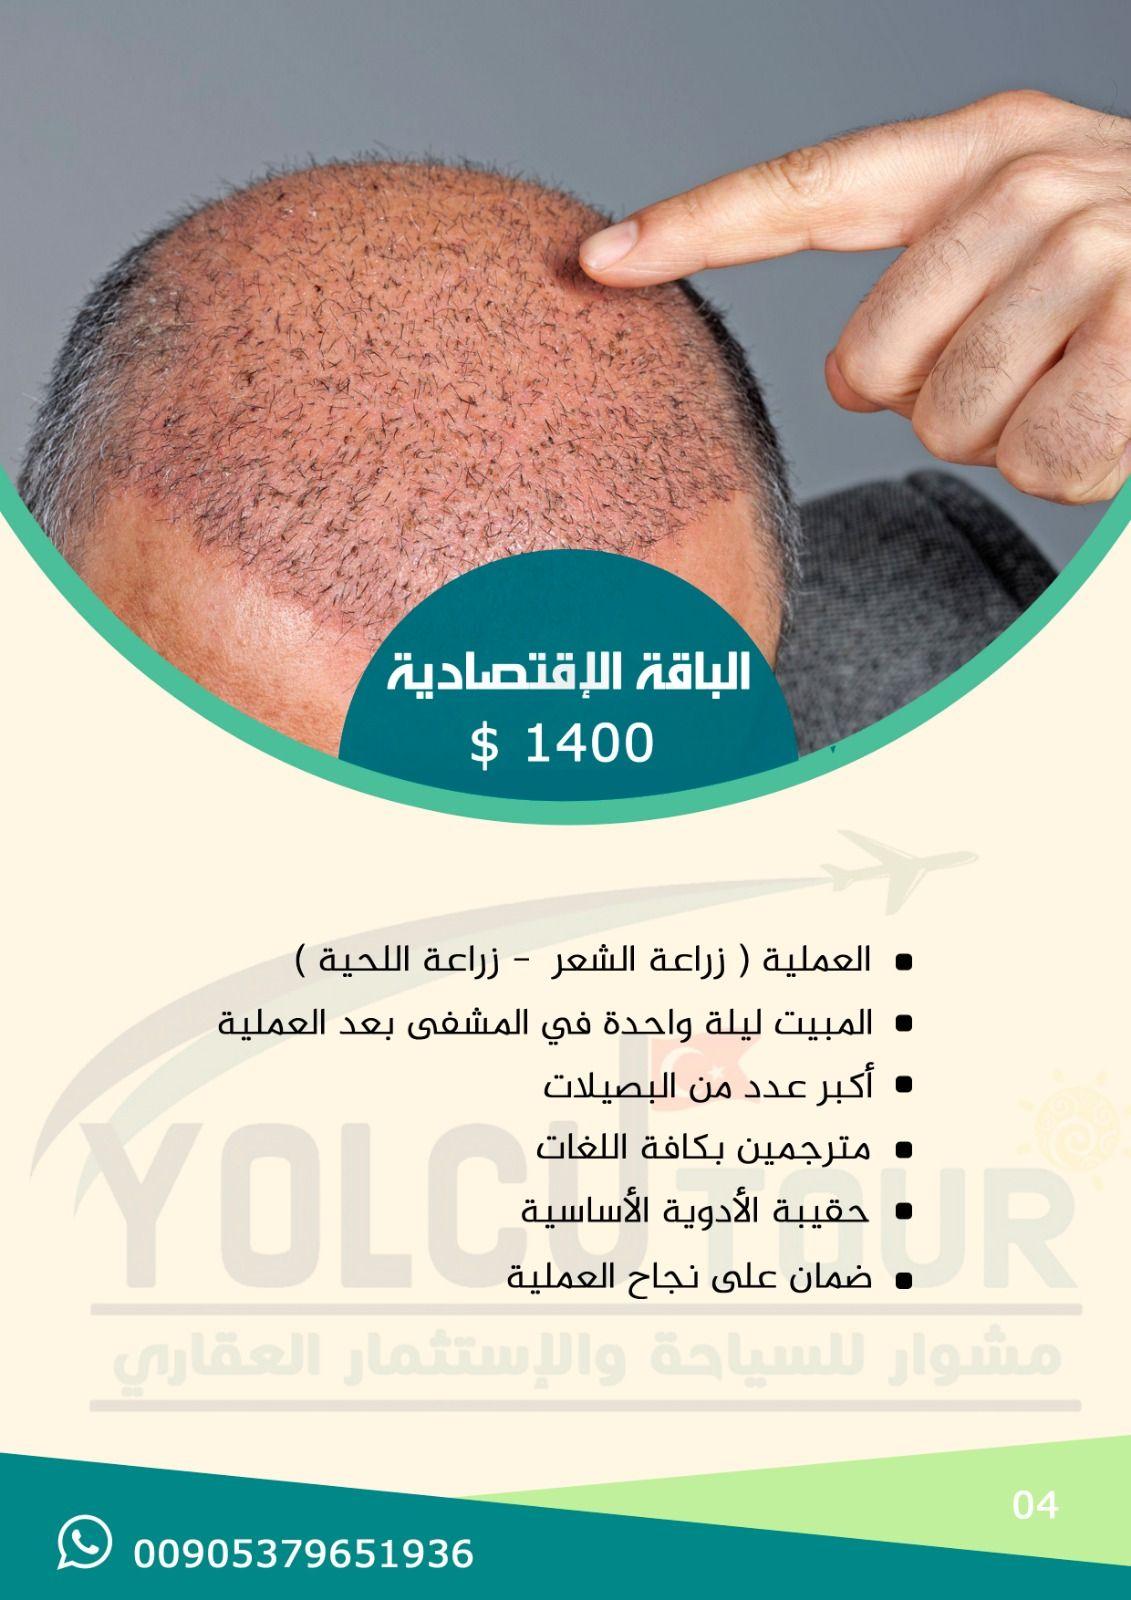 عروض زراعة الشعر